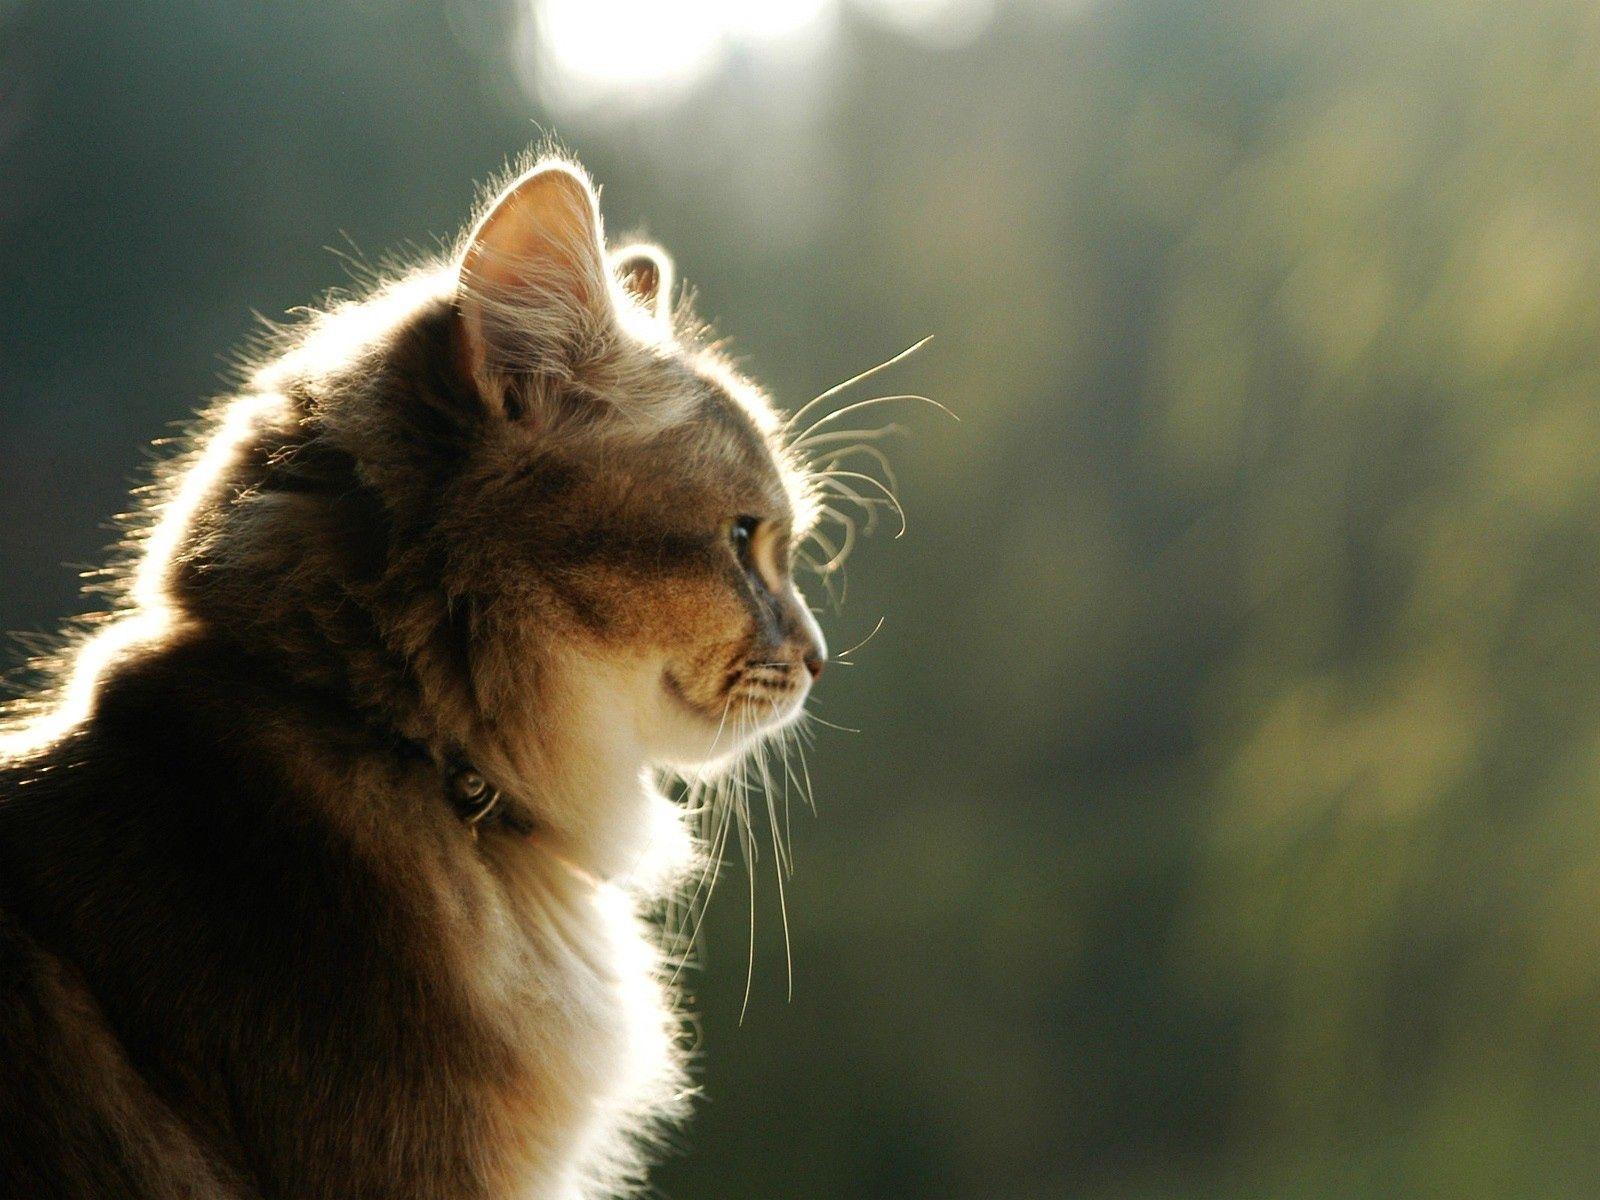 119309 скачать обои Животные, Кот, Морда, Свет, Профиль, Пушистый - заставки и картинки бесплатно